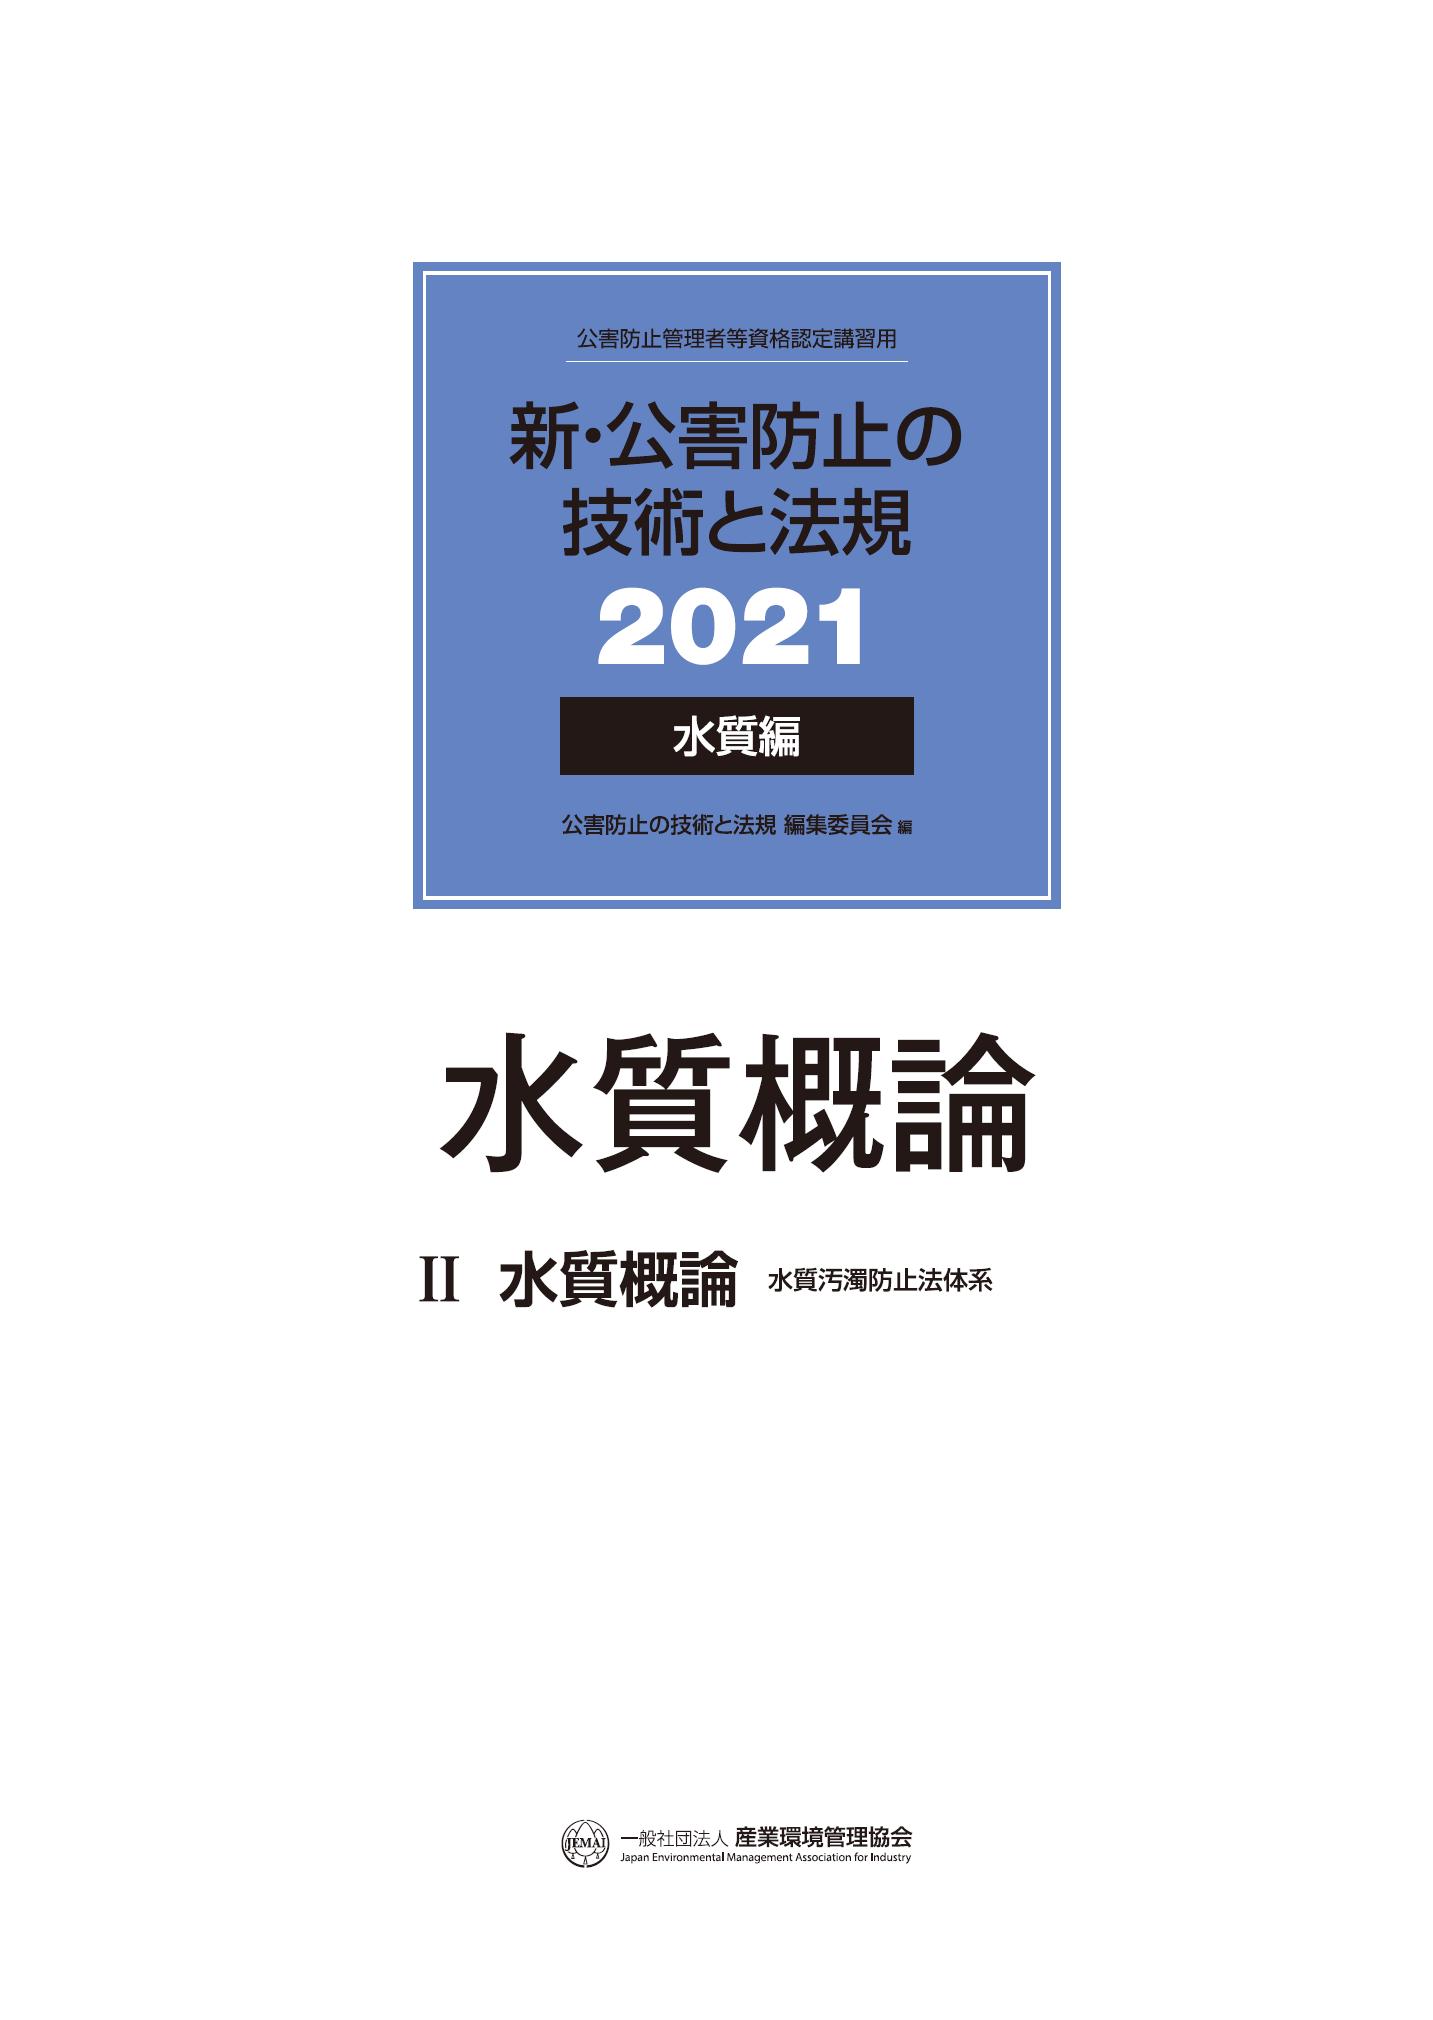 13_suishitsugairon2021.png